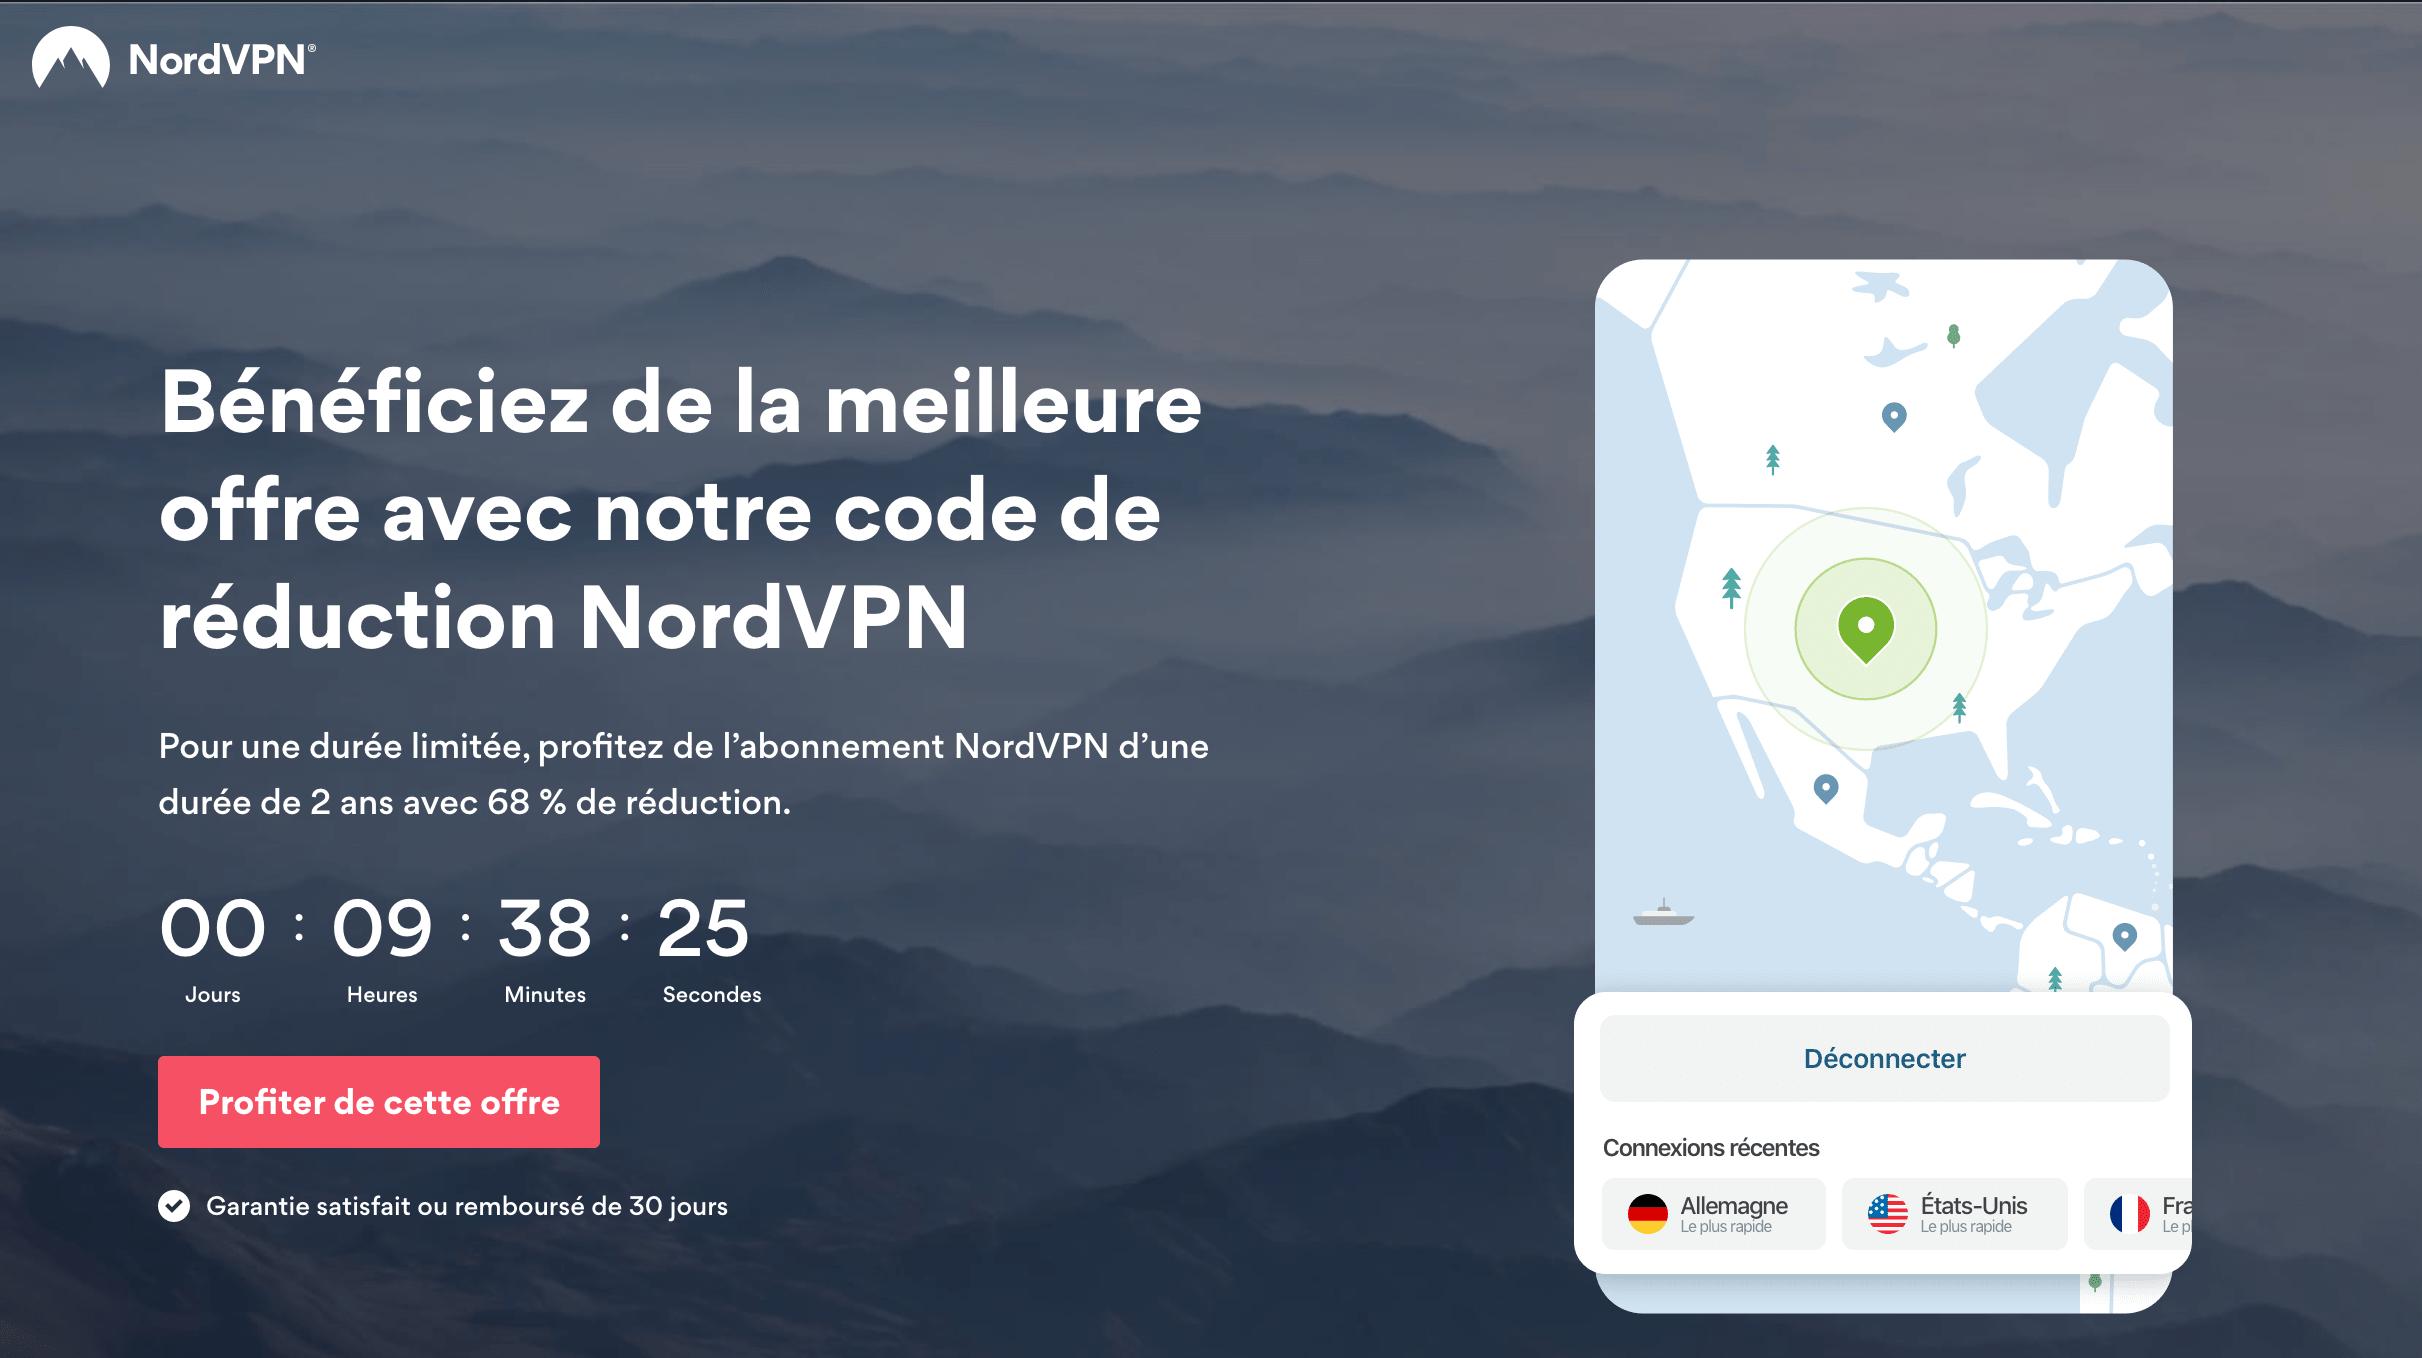 NordVPN à -68% pendant 2 ans.